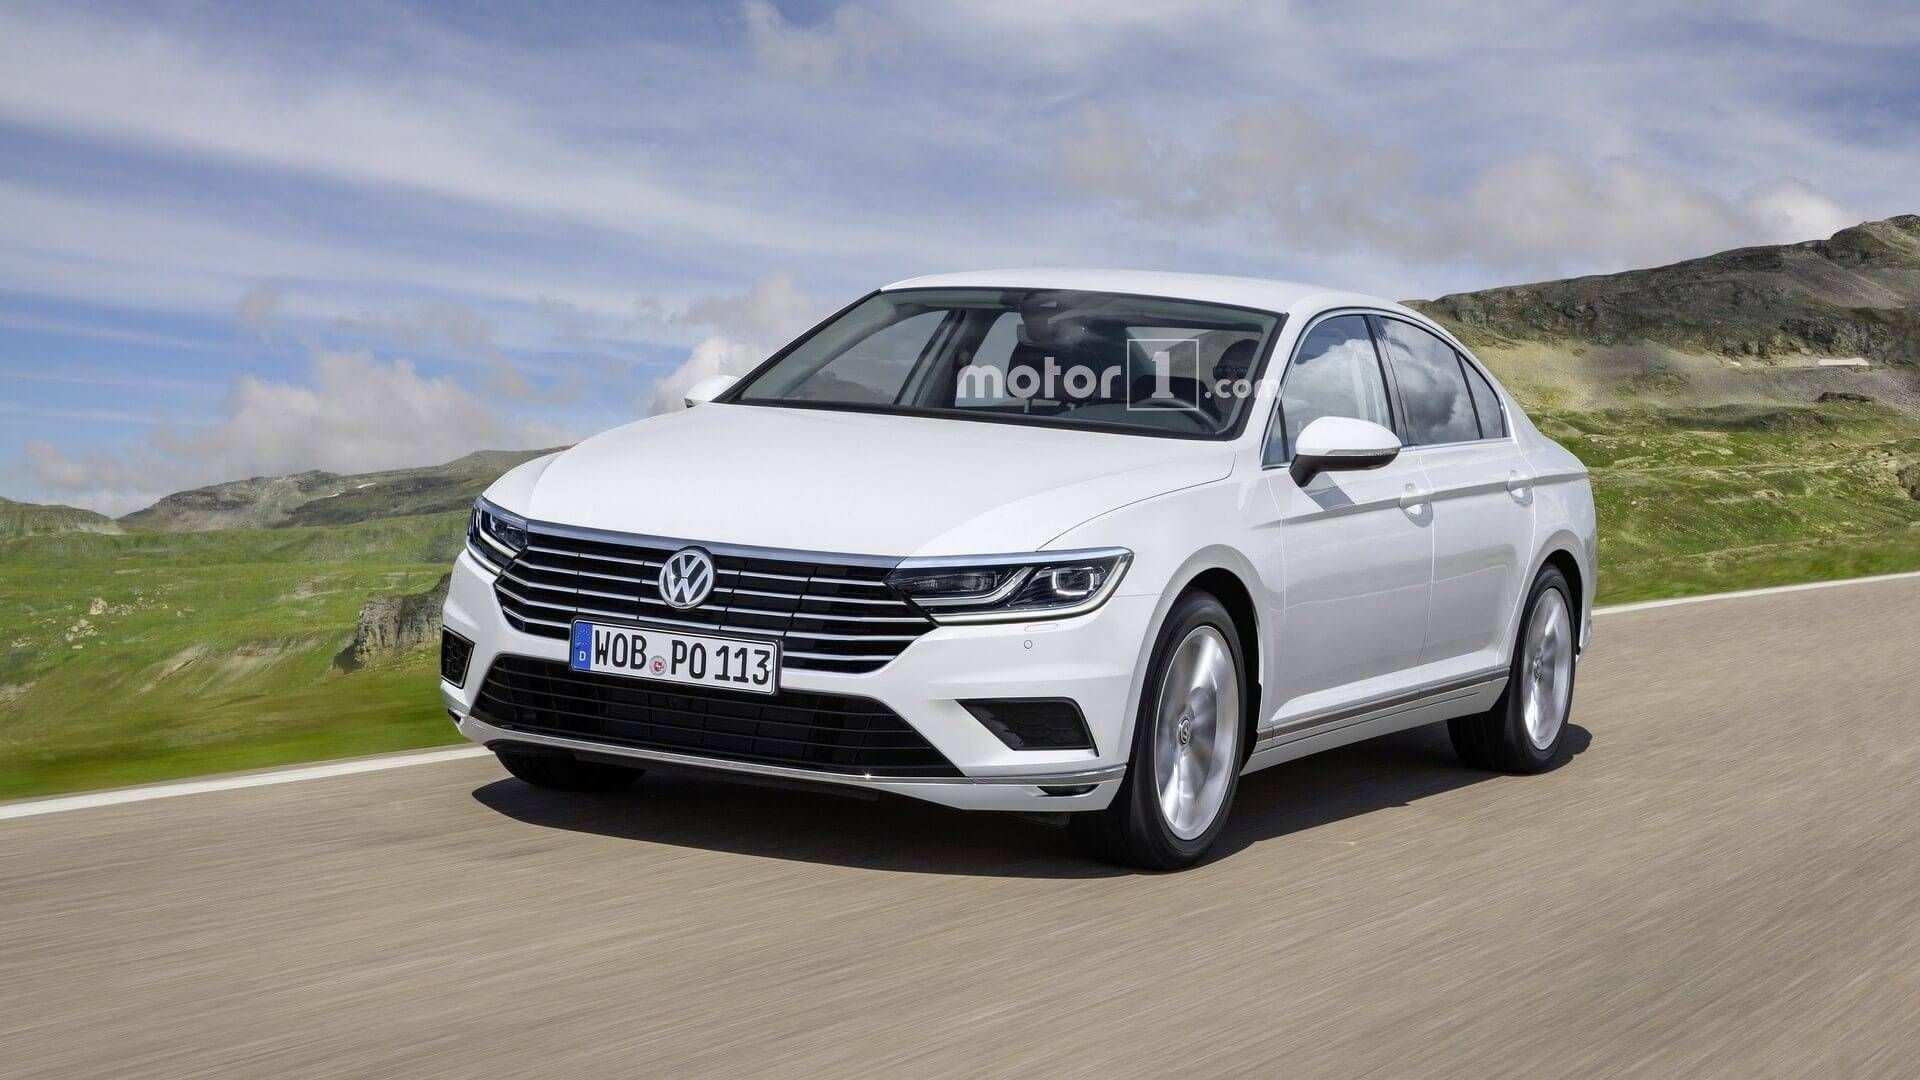 86 Best Review The Volkswagen Passat 2019 Interior Spy Shoot Prices for The Volkswagen Passat 2019 Interior Spy Shoot